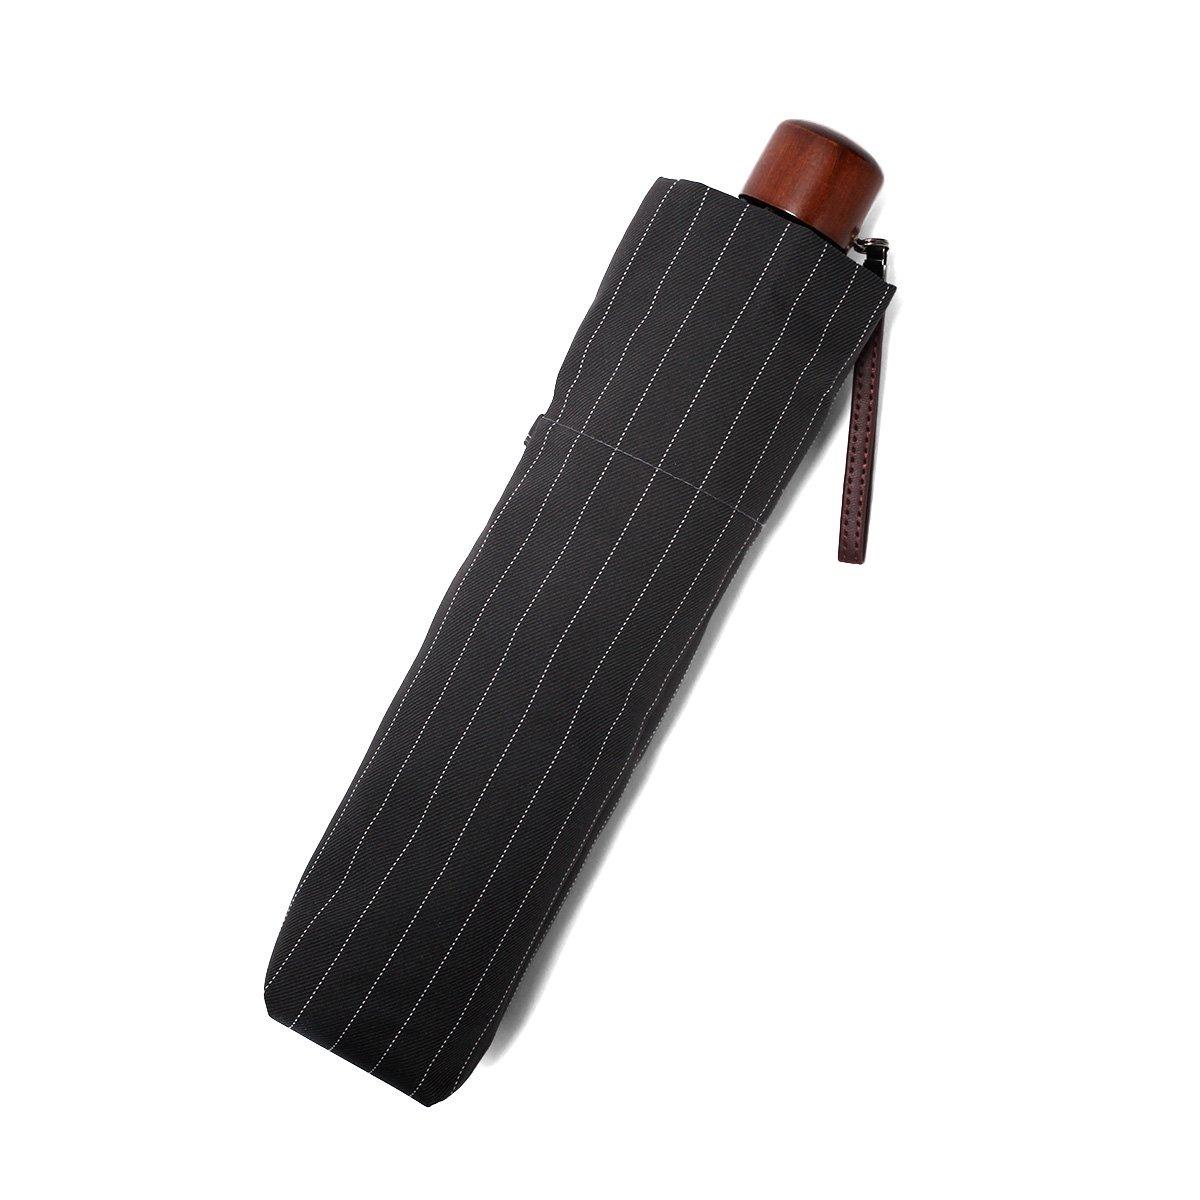 【セール】ツイルストライプ 折りたたみ傘 詳細画像8